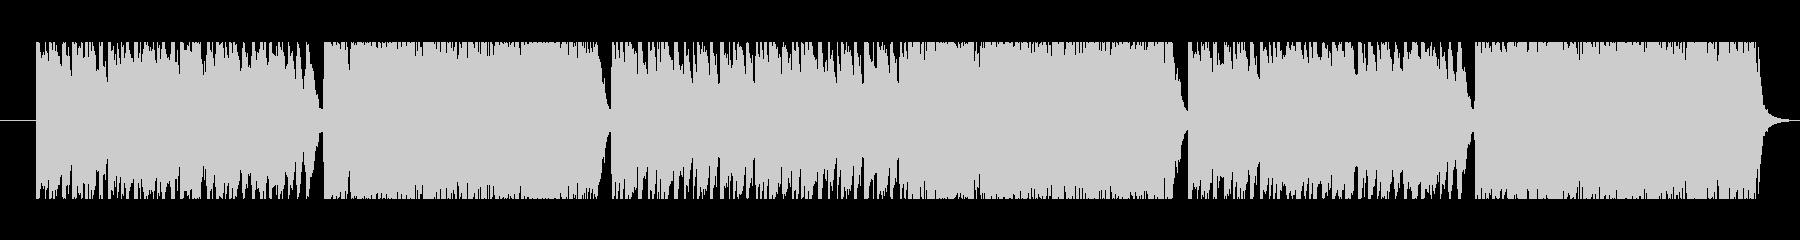 ビブラフォンの音が印象的な不思議なBGMの未再生の波形